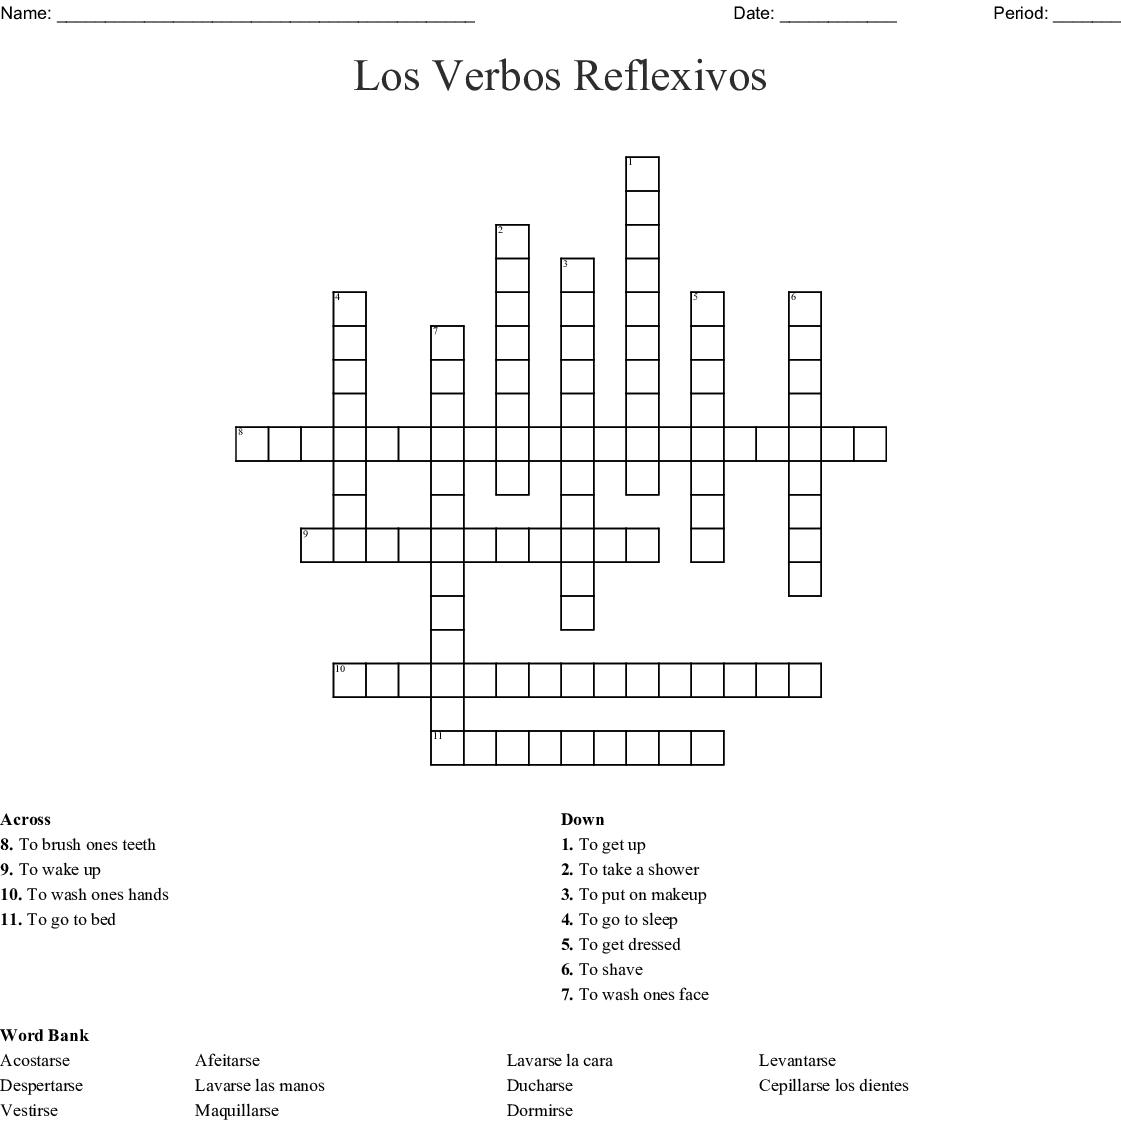 Los Verbos Reflexivos Crossword